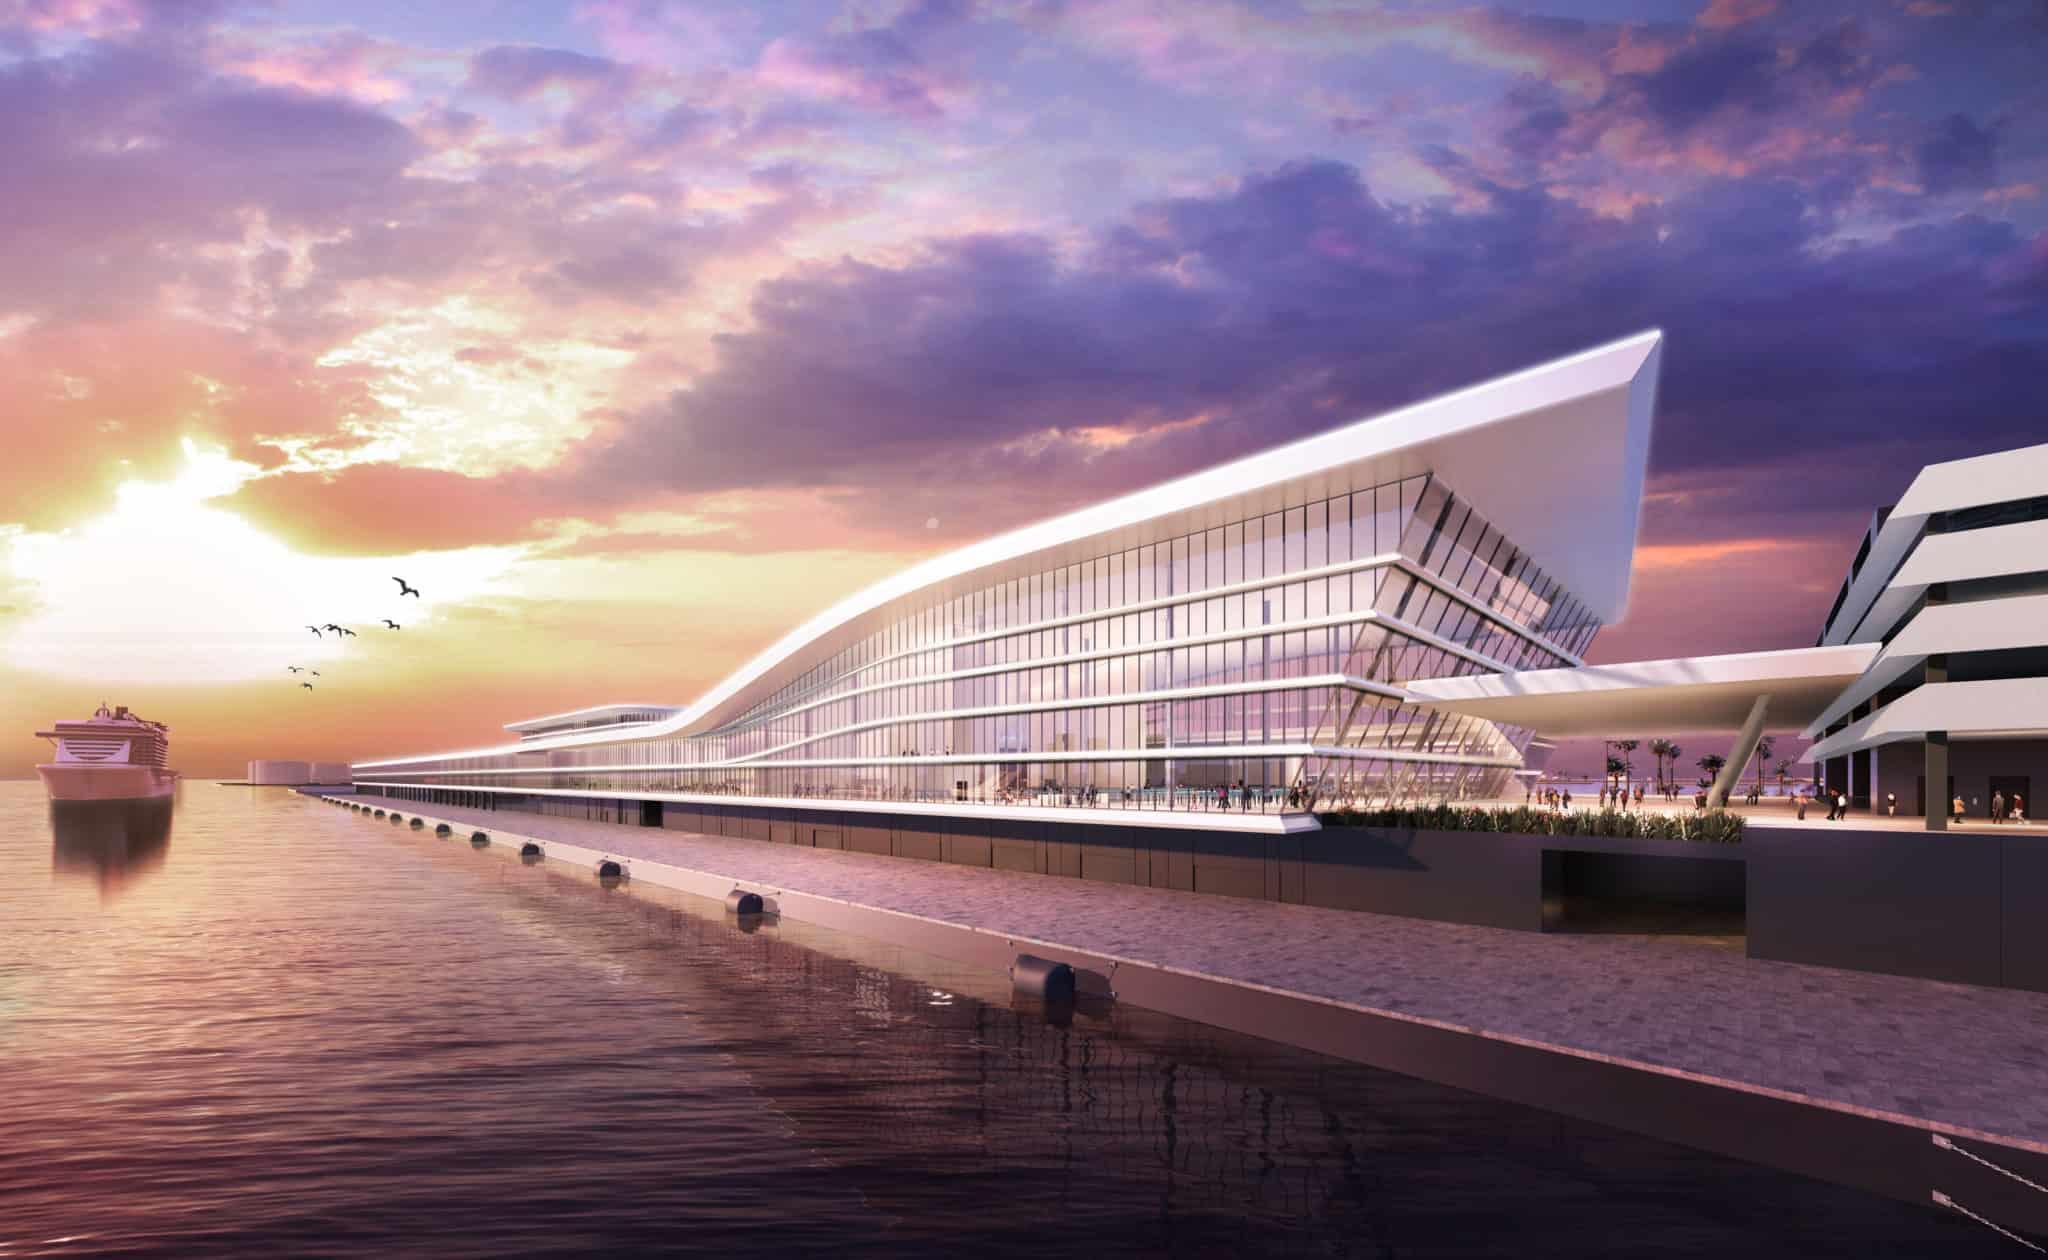 PortMiami terminal msc cruises